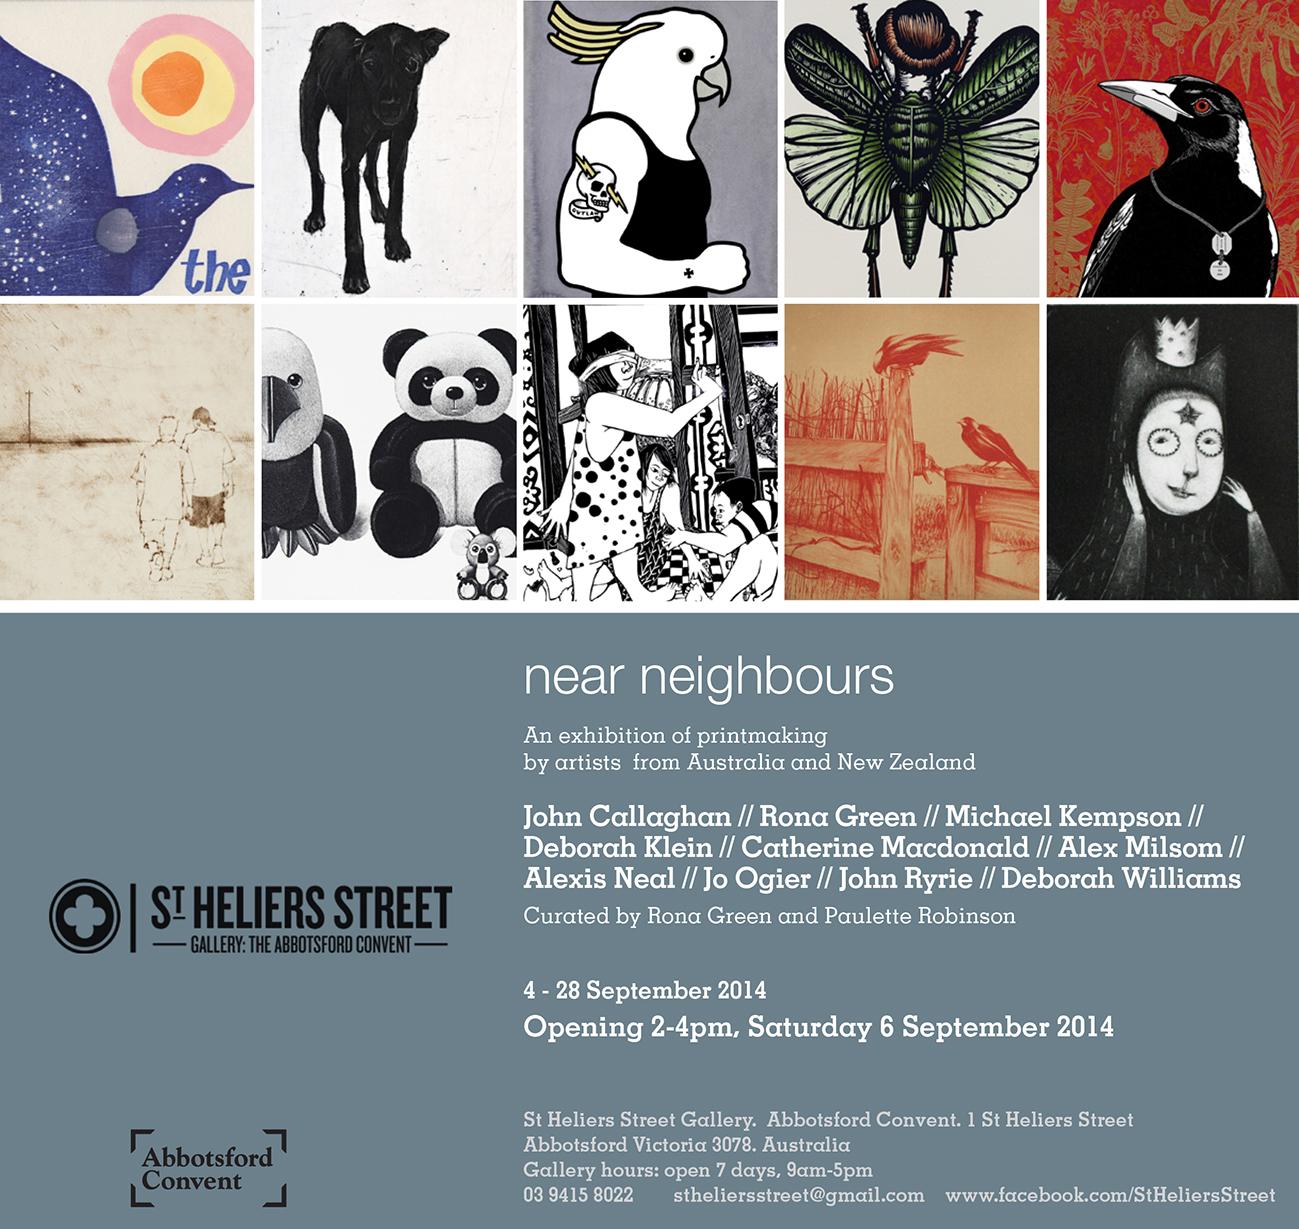 St Heliers Street Gallery Rona Green